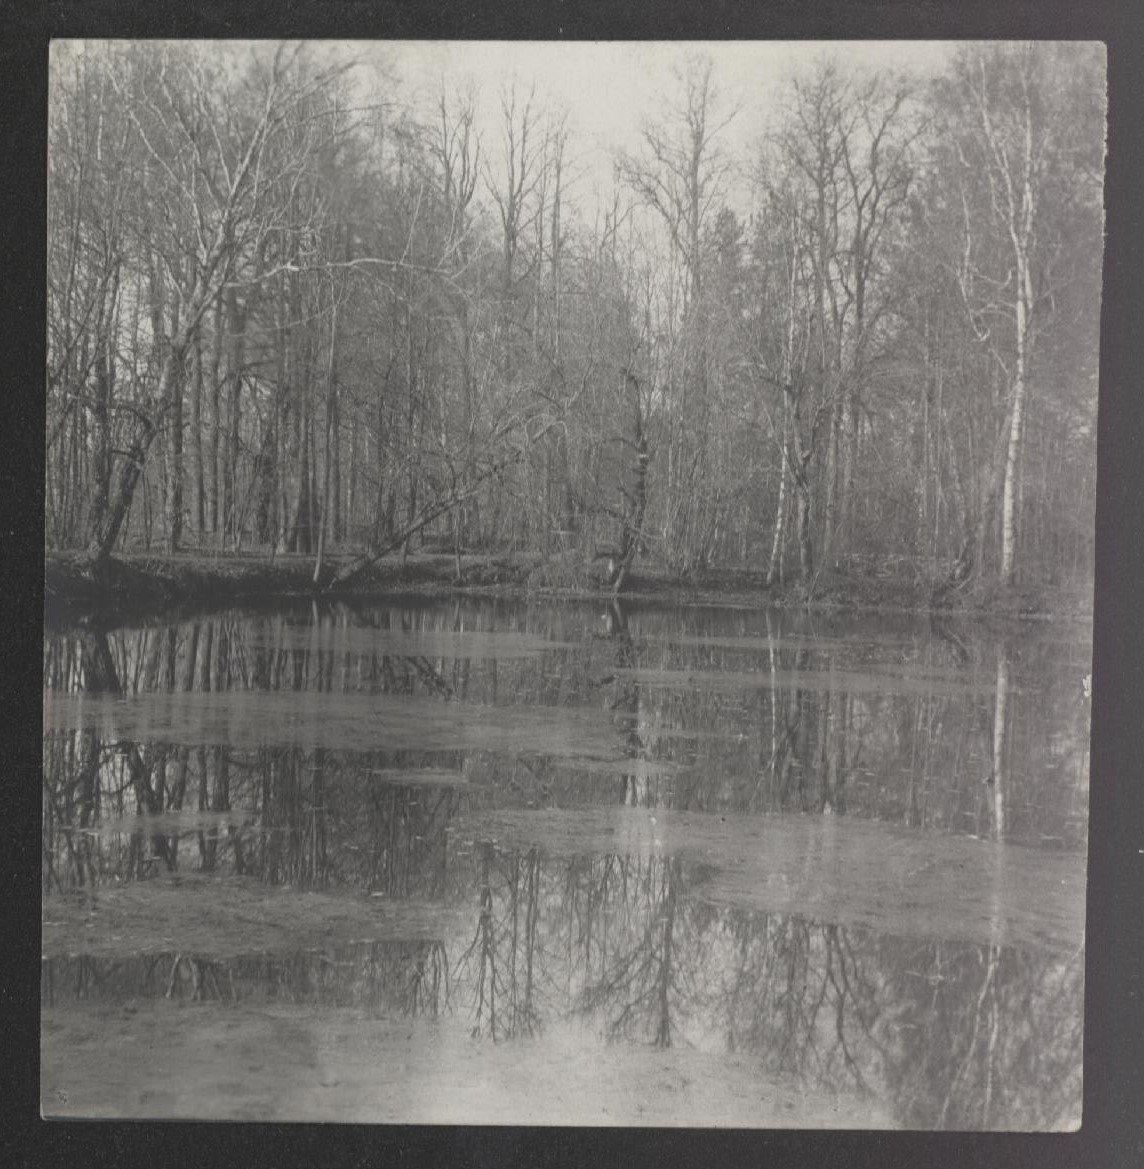 1906. Окрестности Москвы. Пейзаж с озером. Сентябрь